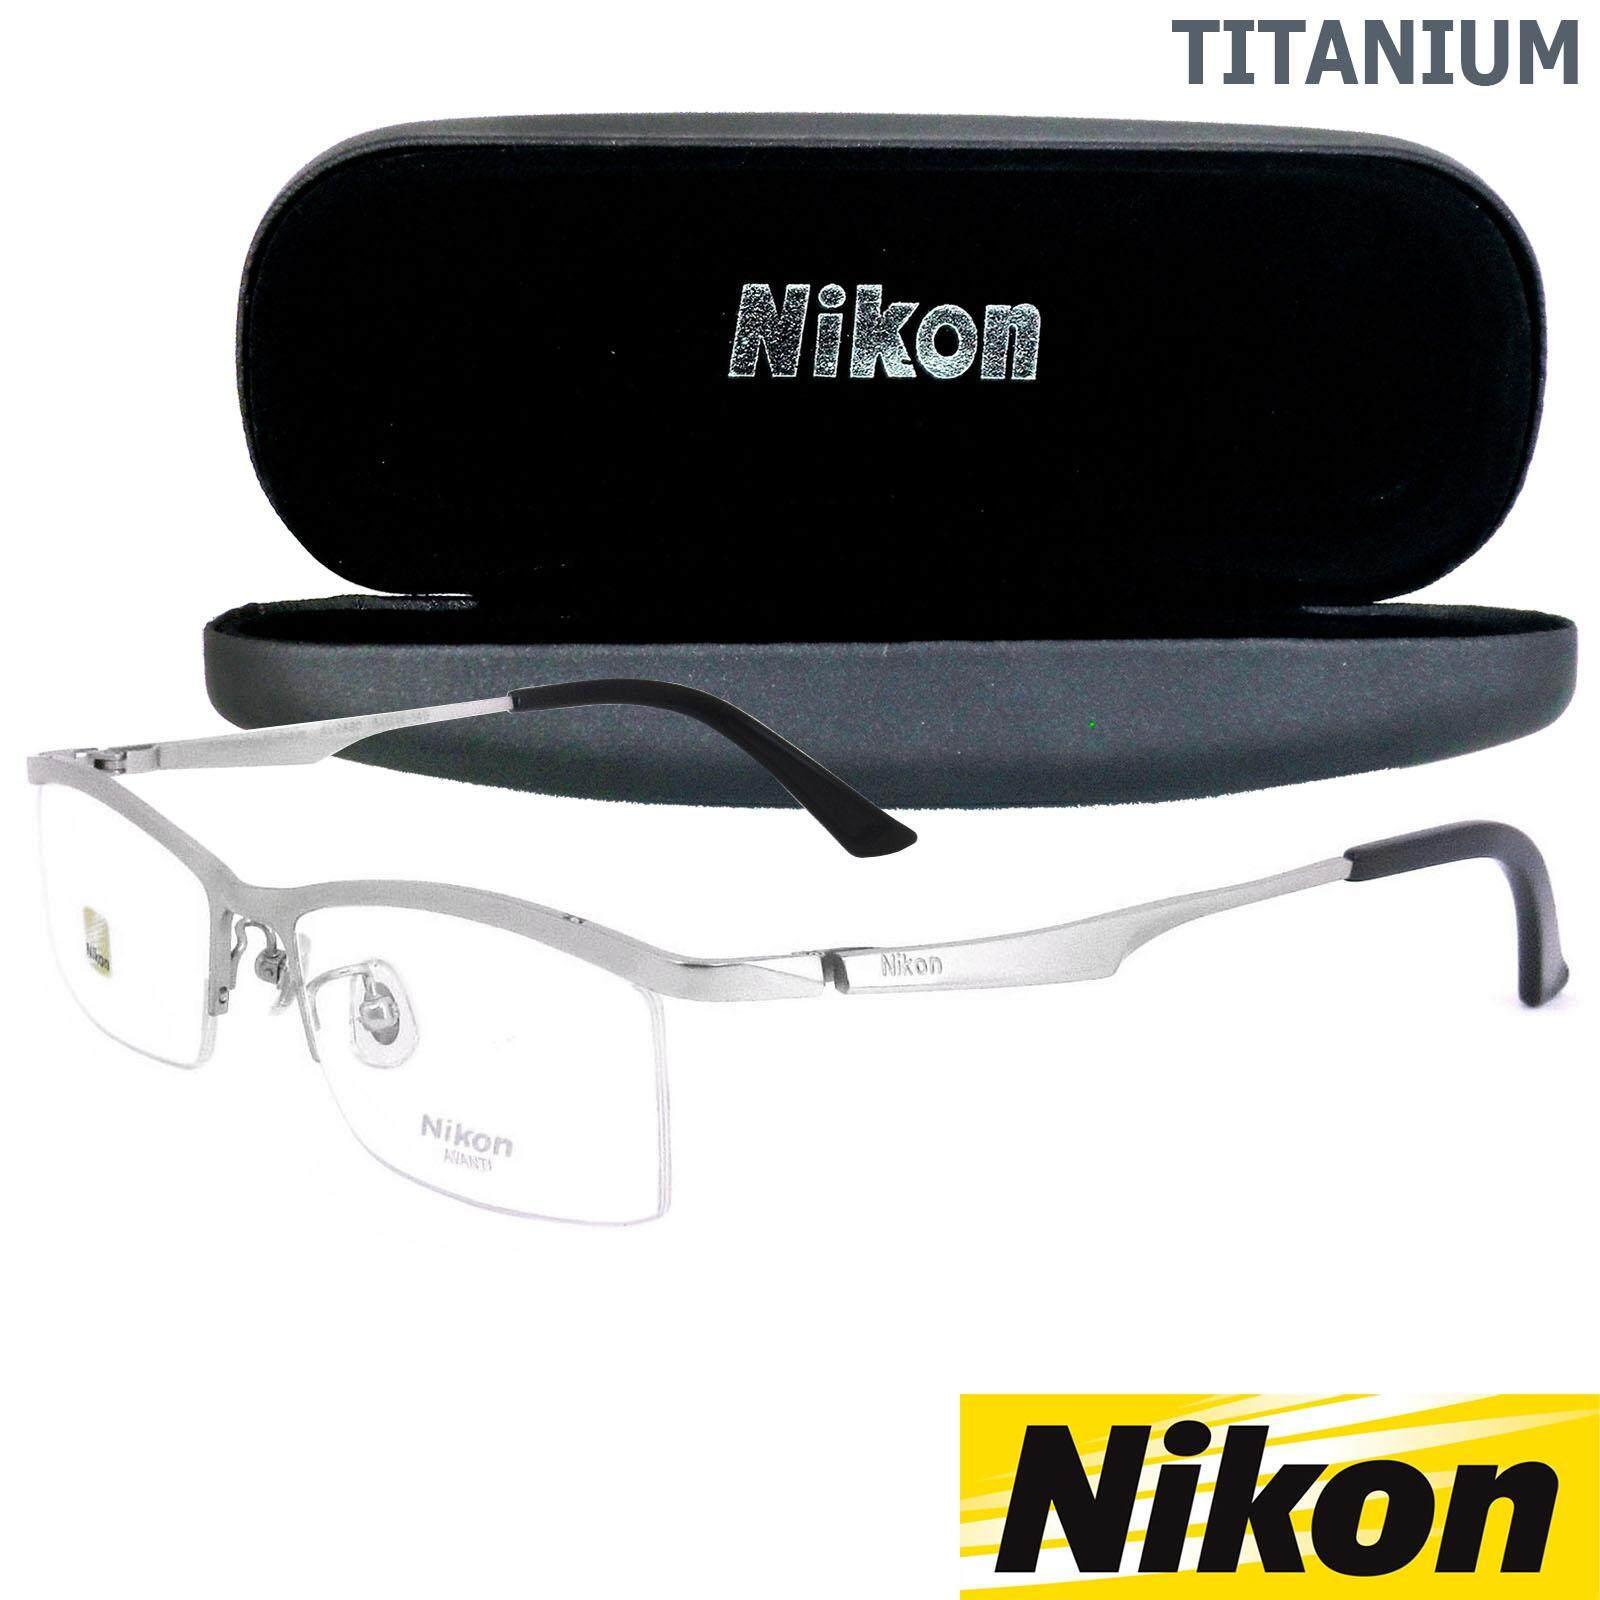 Nikon แว่นตารุ่น AV 9880 C-3 สีเงิน กรอบเซาะร่อง ขาข้อต่อ วัสดุ ไทเทเนียม (สำหรับตัดเลนส์) กรอบแว่นตา Gouging frame Eyeglass Leg joints Titanium material Eyewear Top Glasses ทางร้านเรามีบริการรับตัดเลนส์